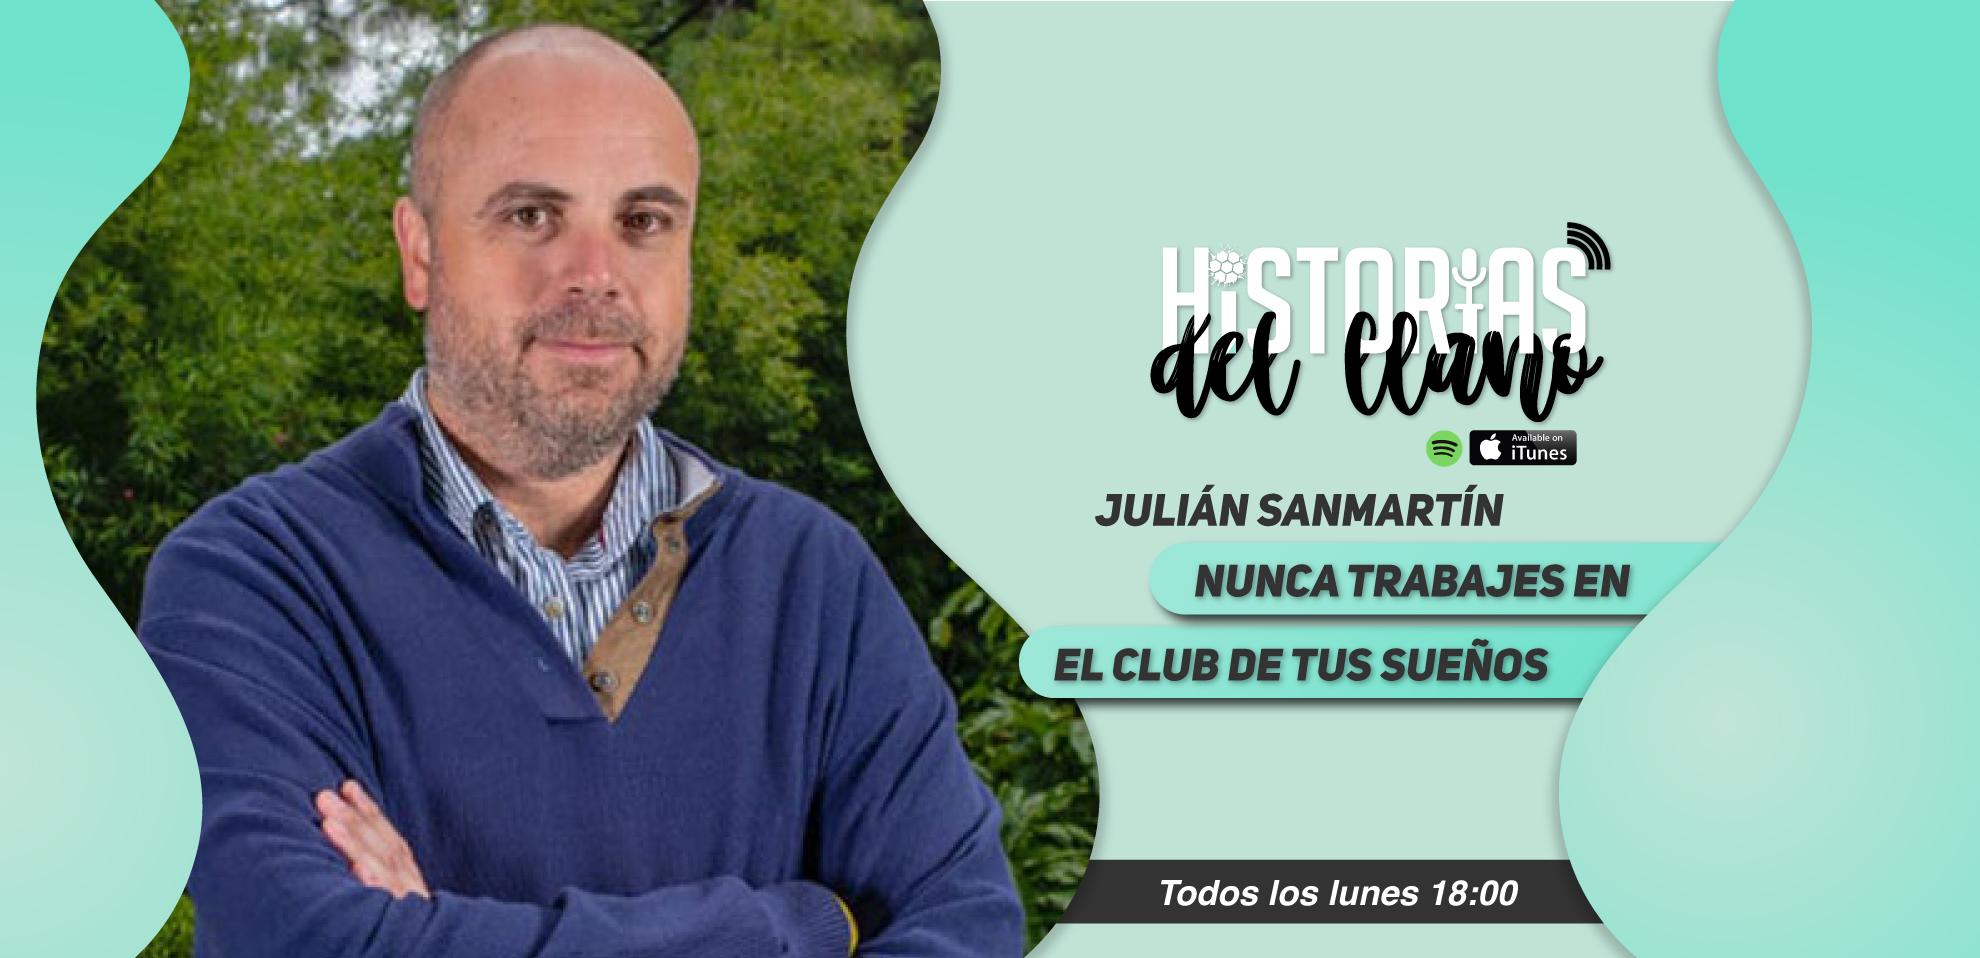 Gus Vega